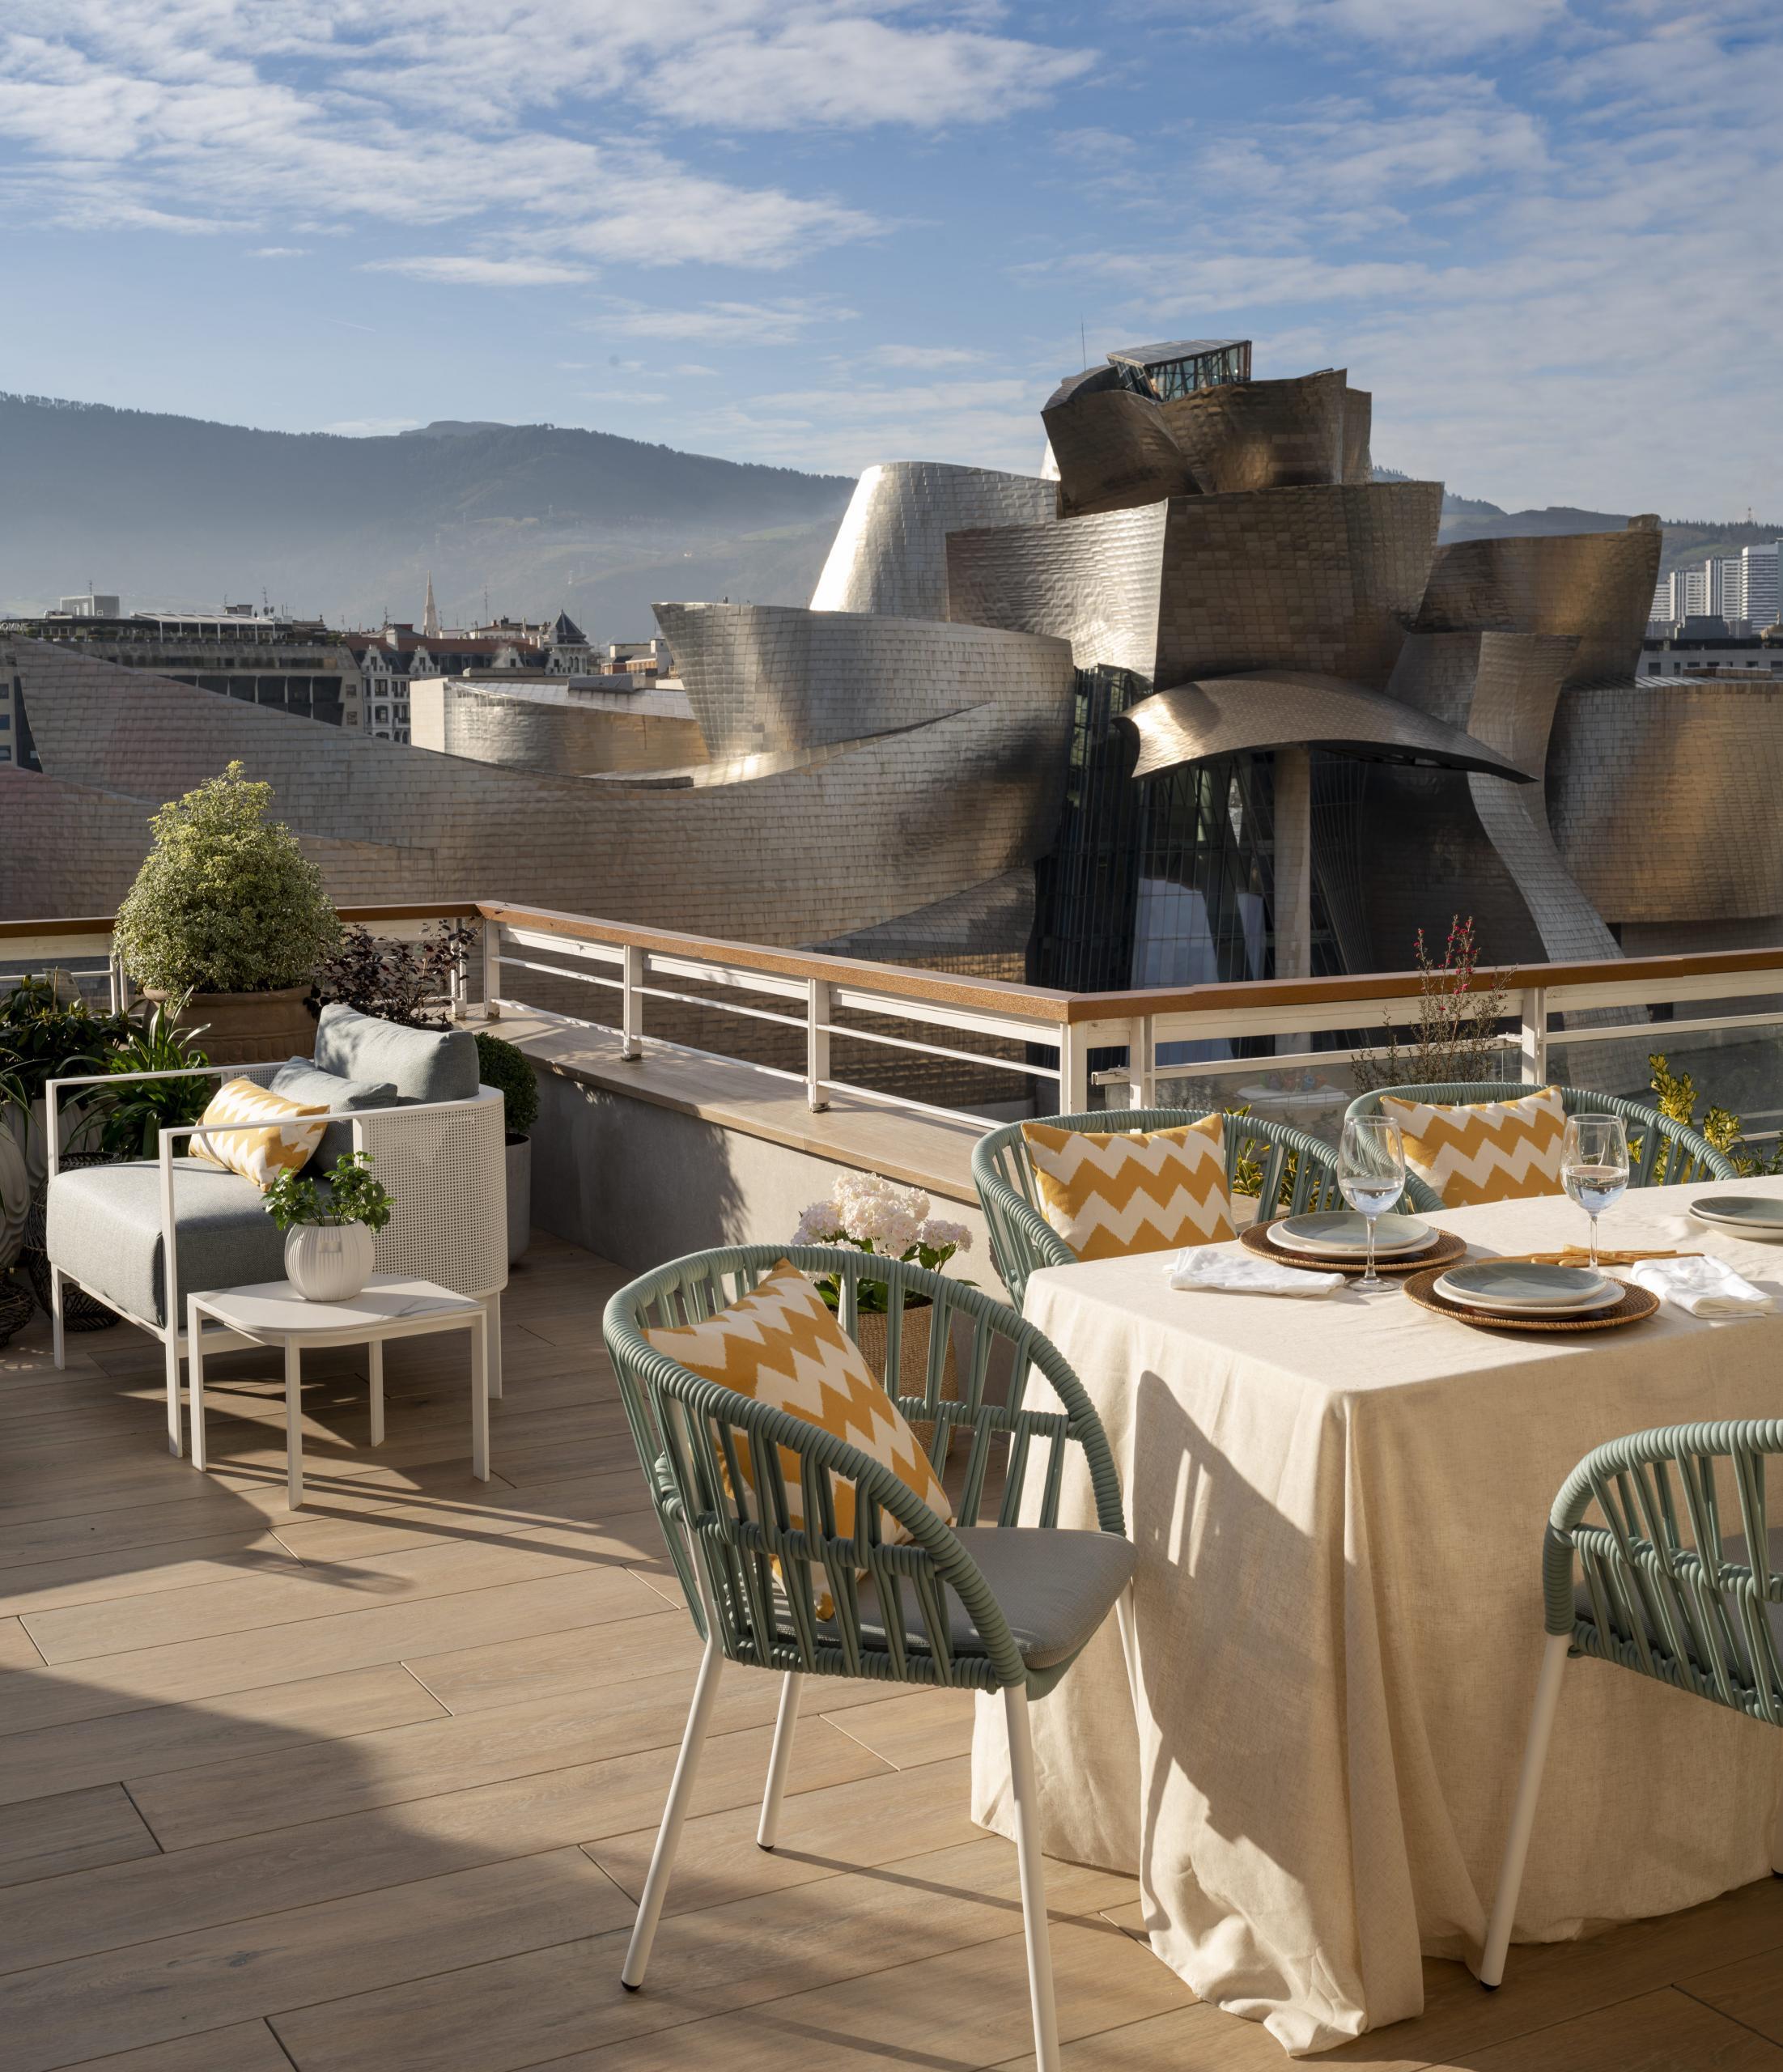 Mesa comedor en terraza con vistas Guggenheim